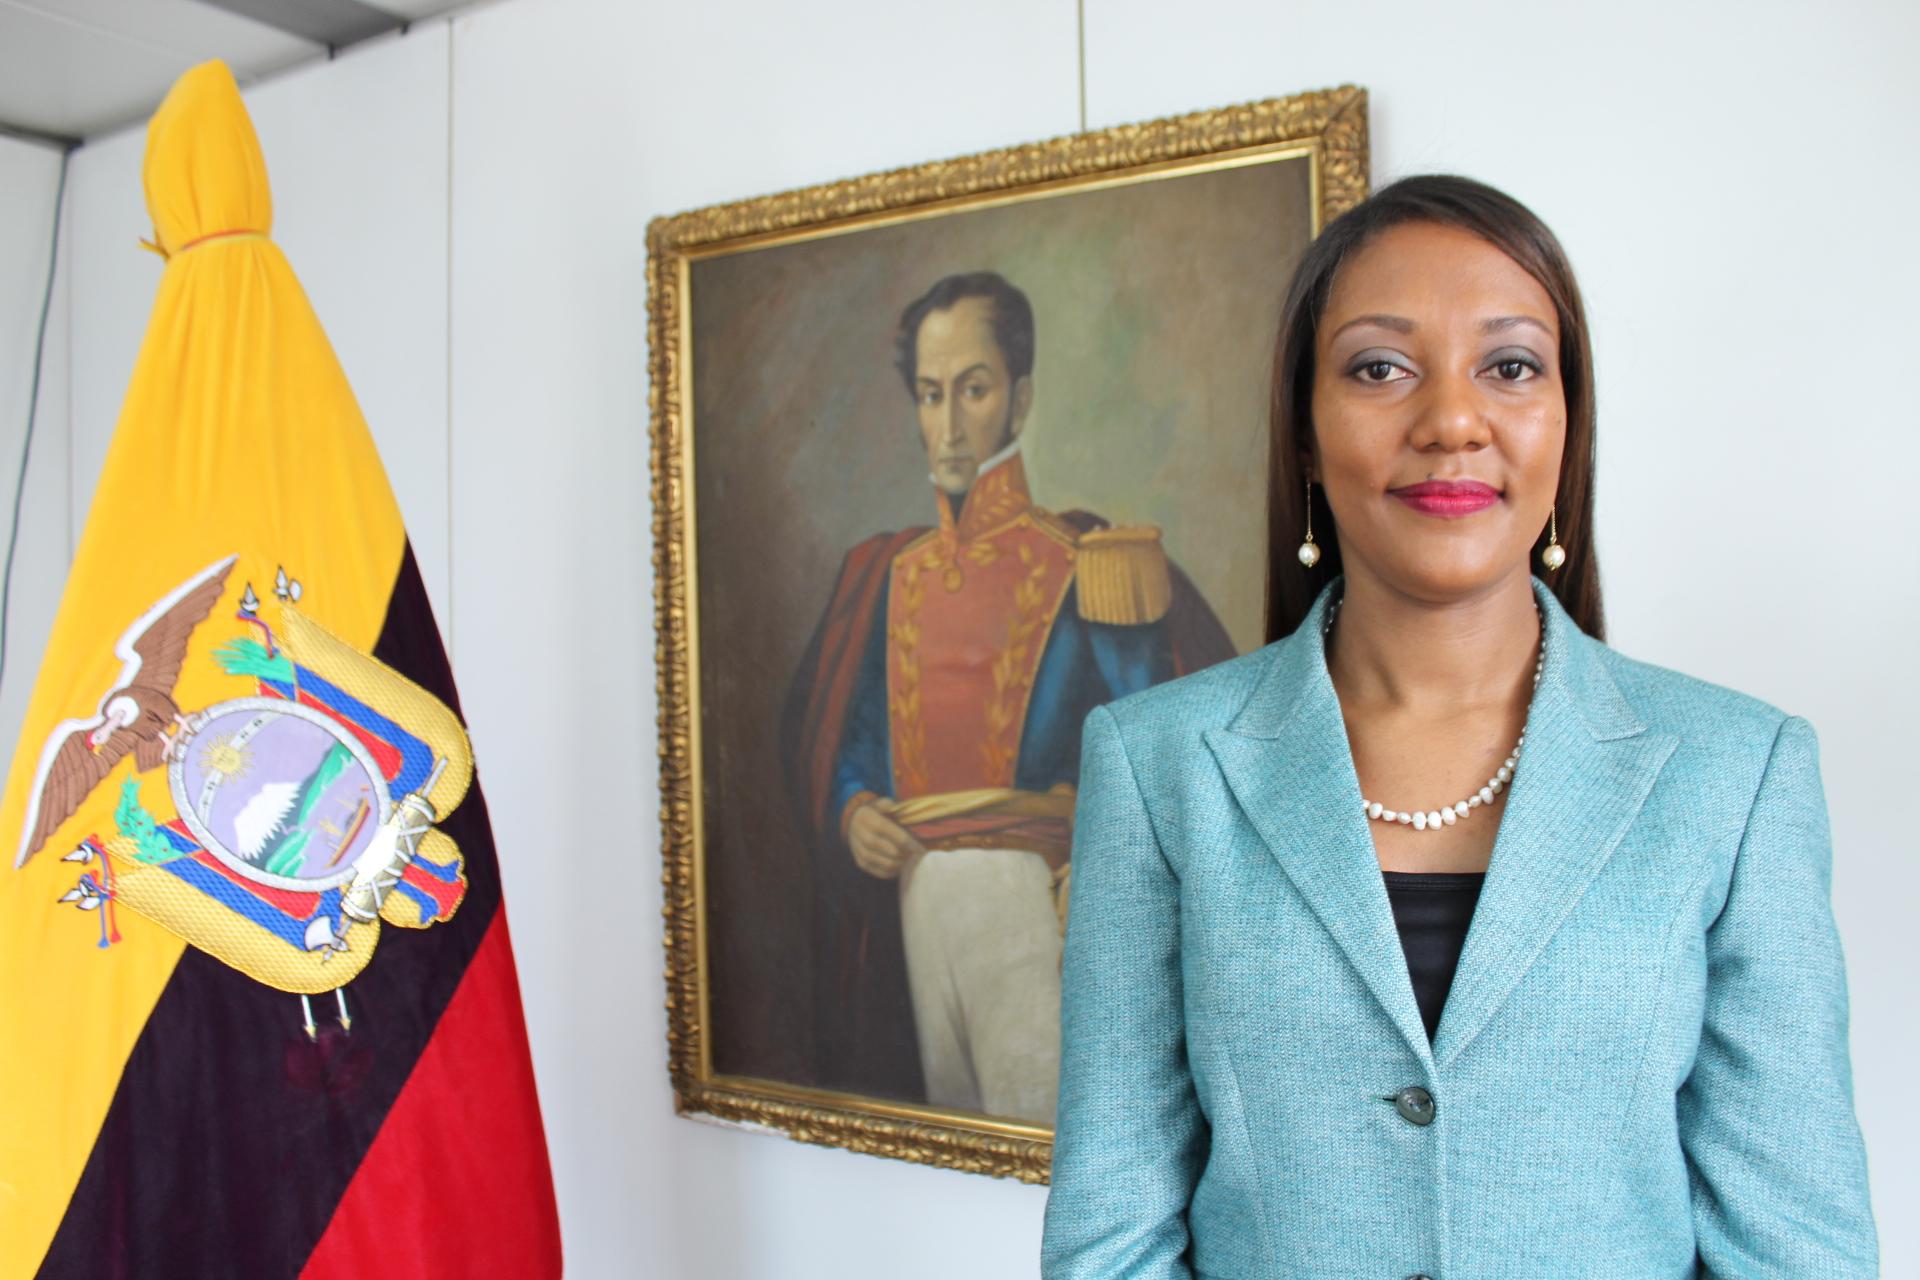 Venezuela expulsó a encargada de negocios de Ecuador (comunicado)